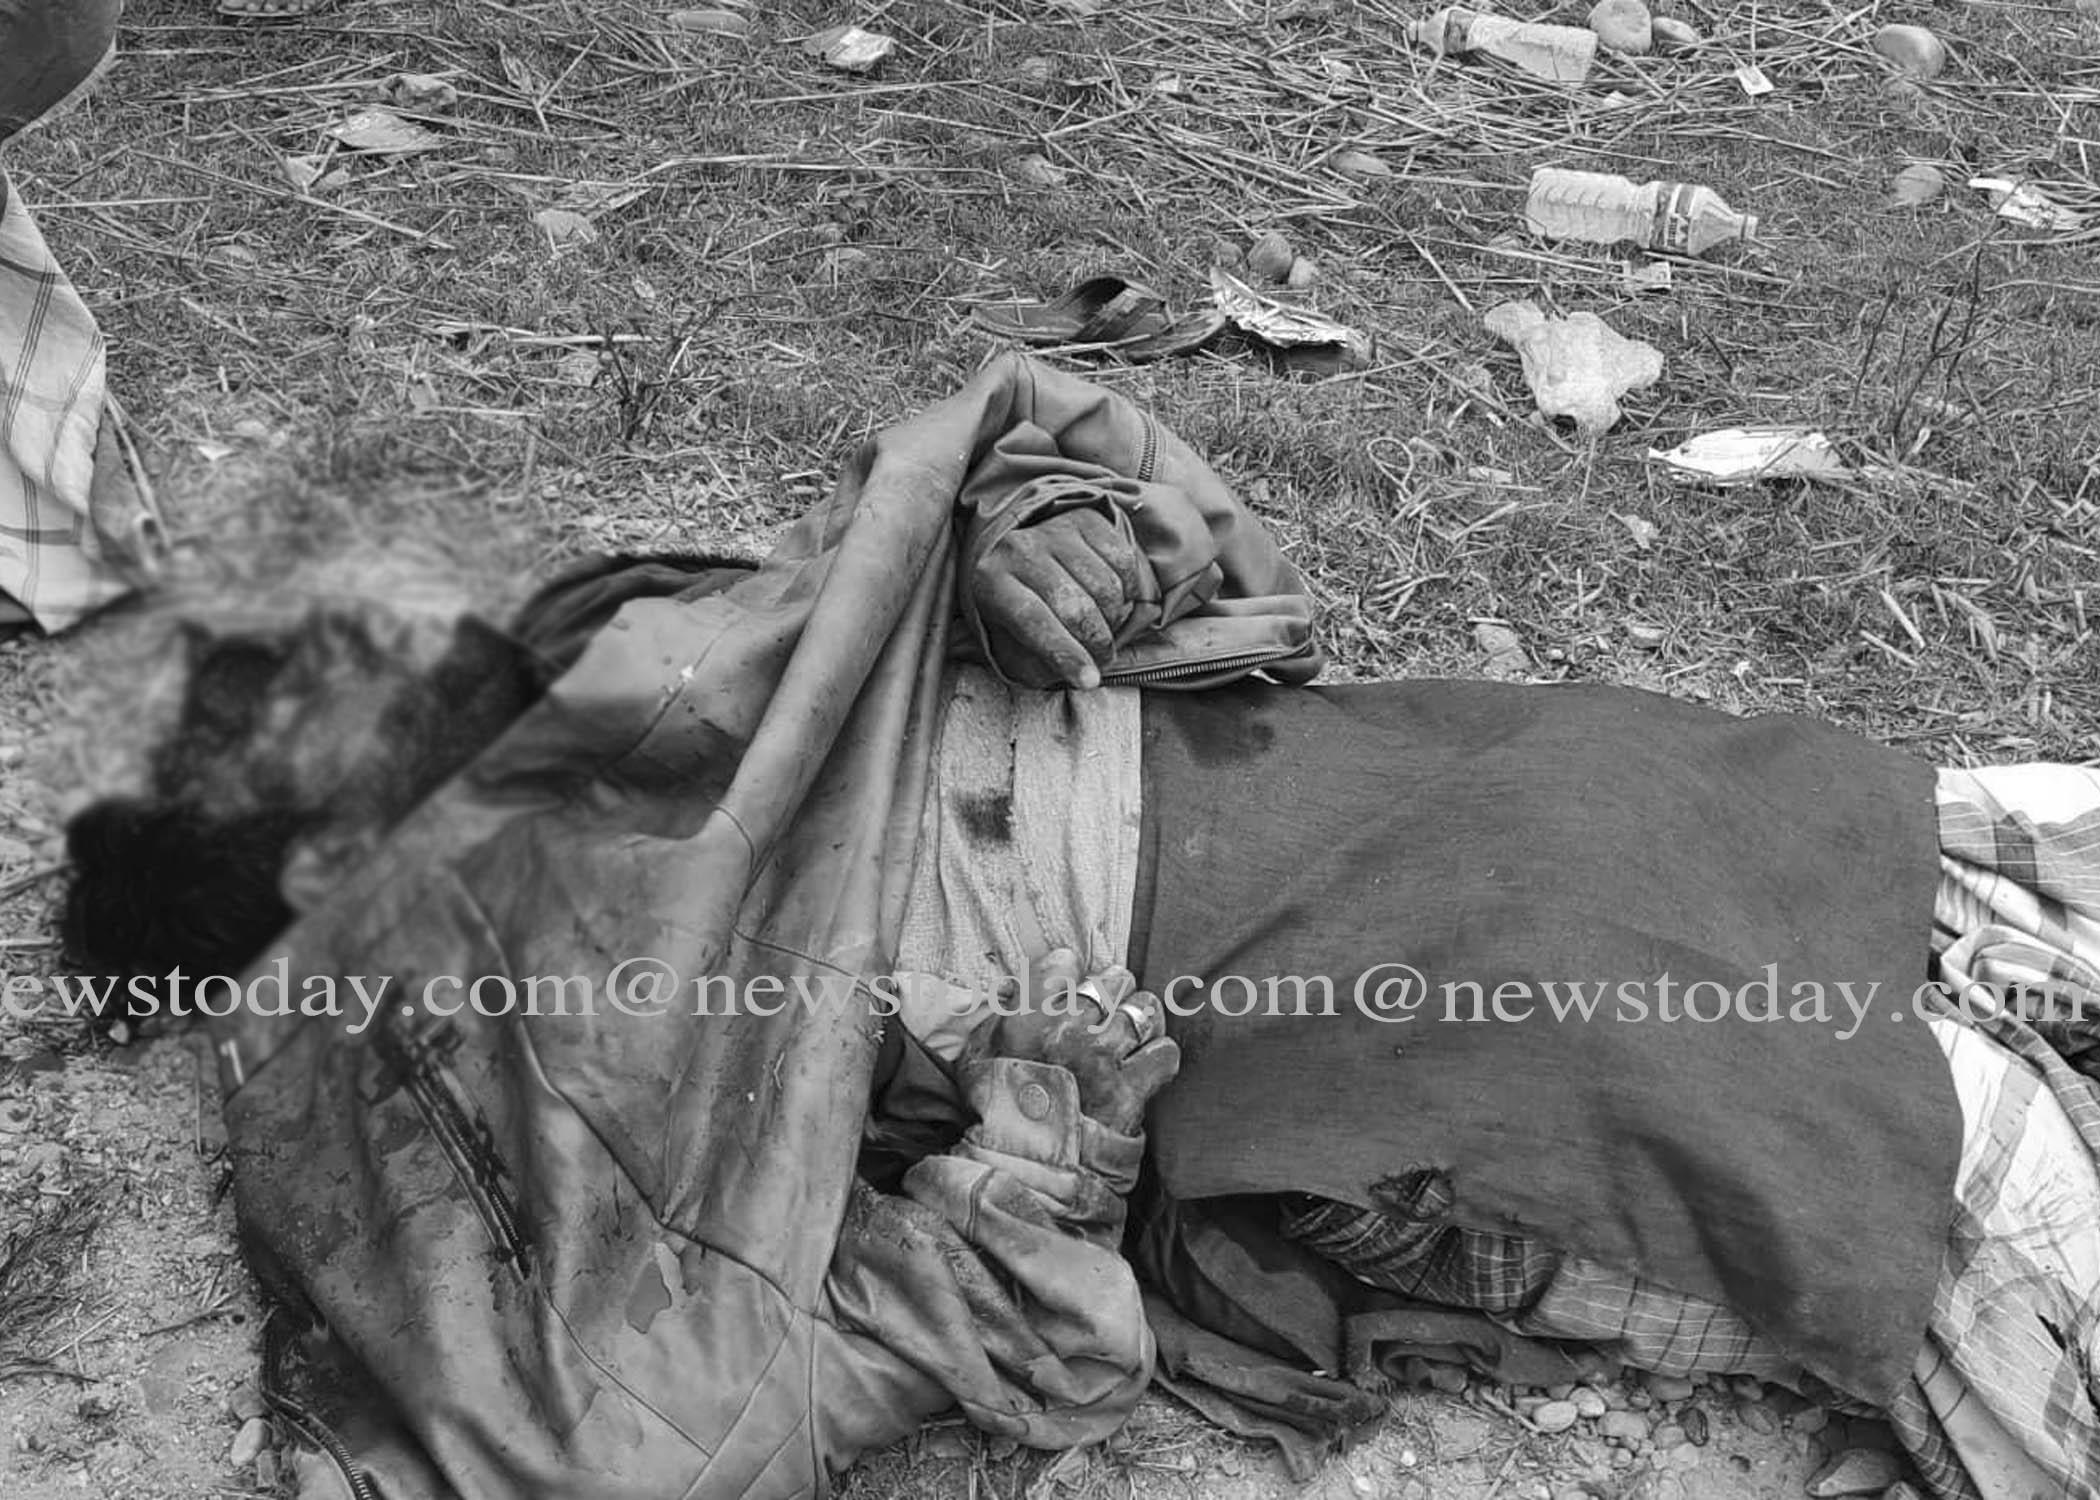 ट्रिपरको ठक्करले एक भारतीय नागरिकको मृत्यु, एक दर्जन व्यक्ति घाइते